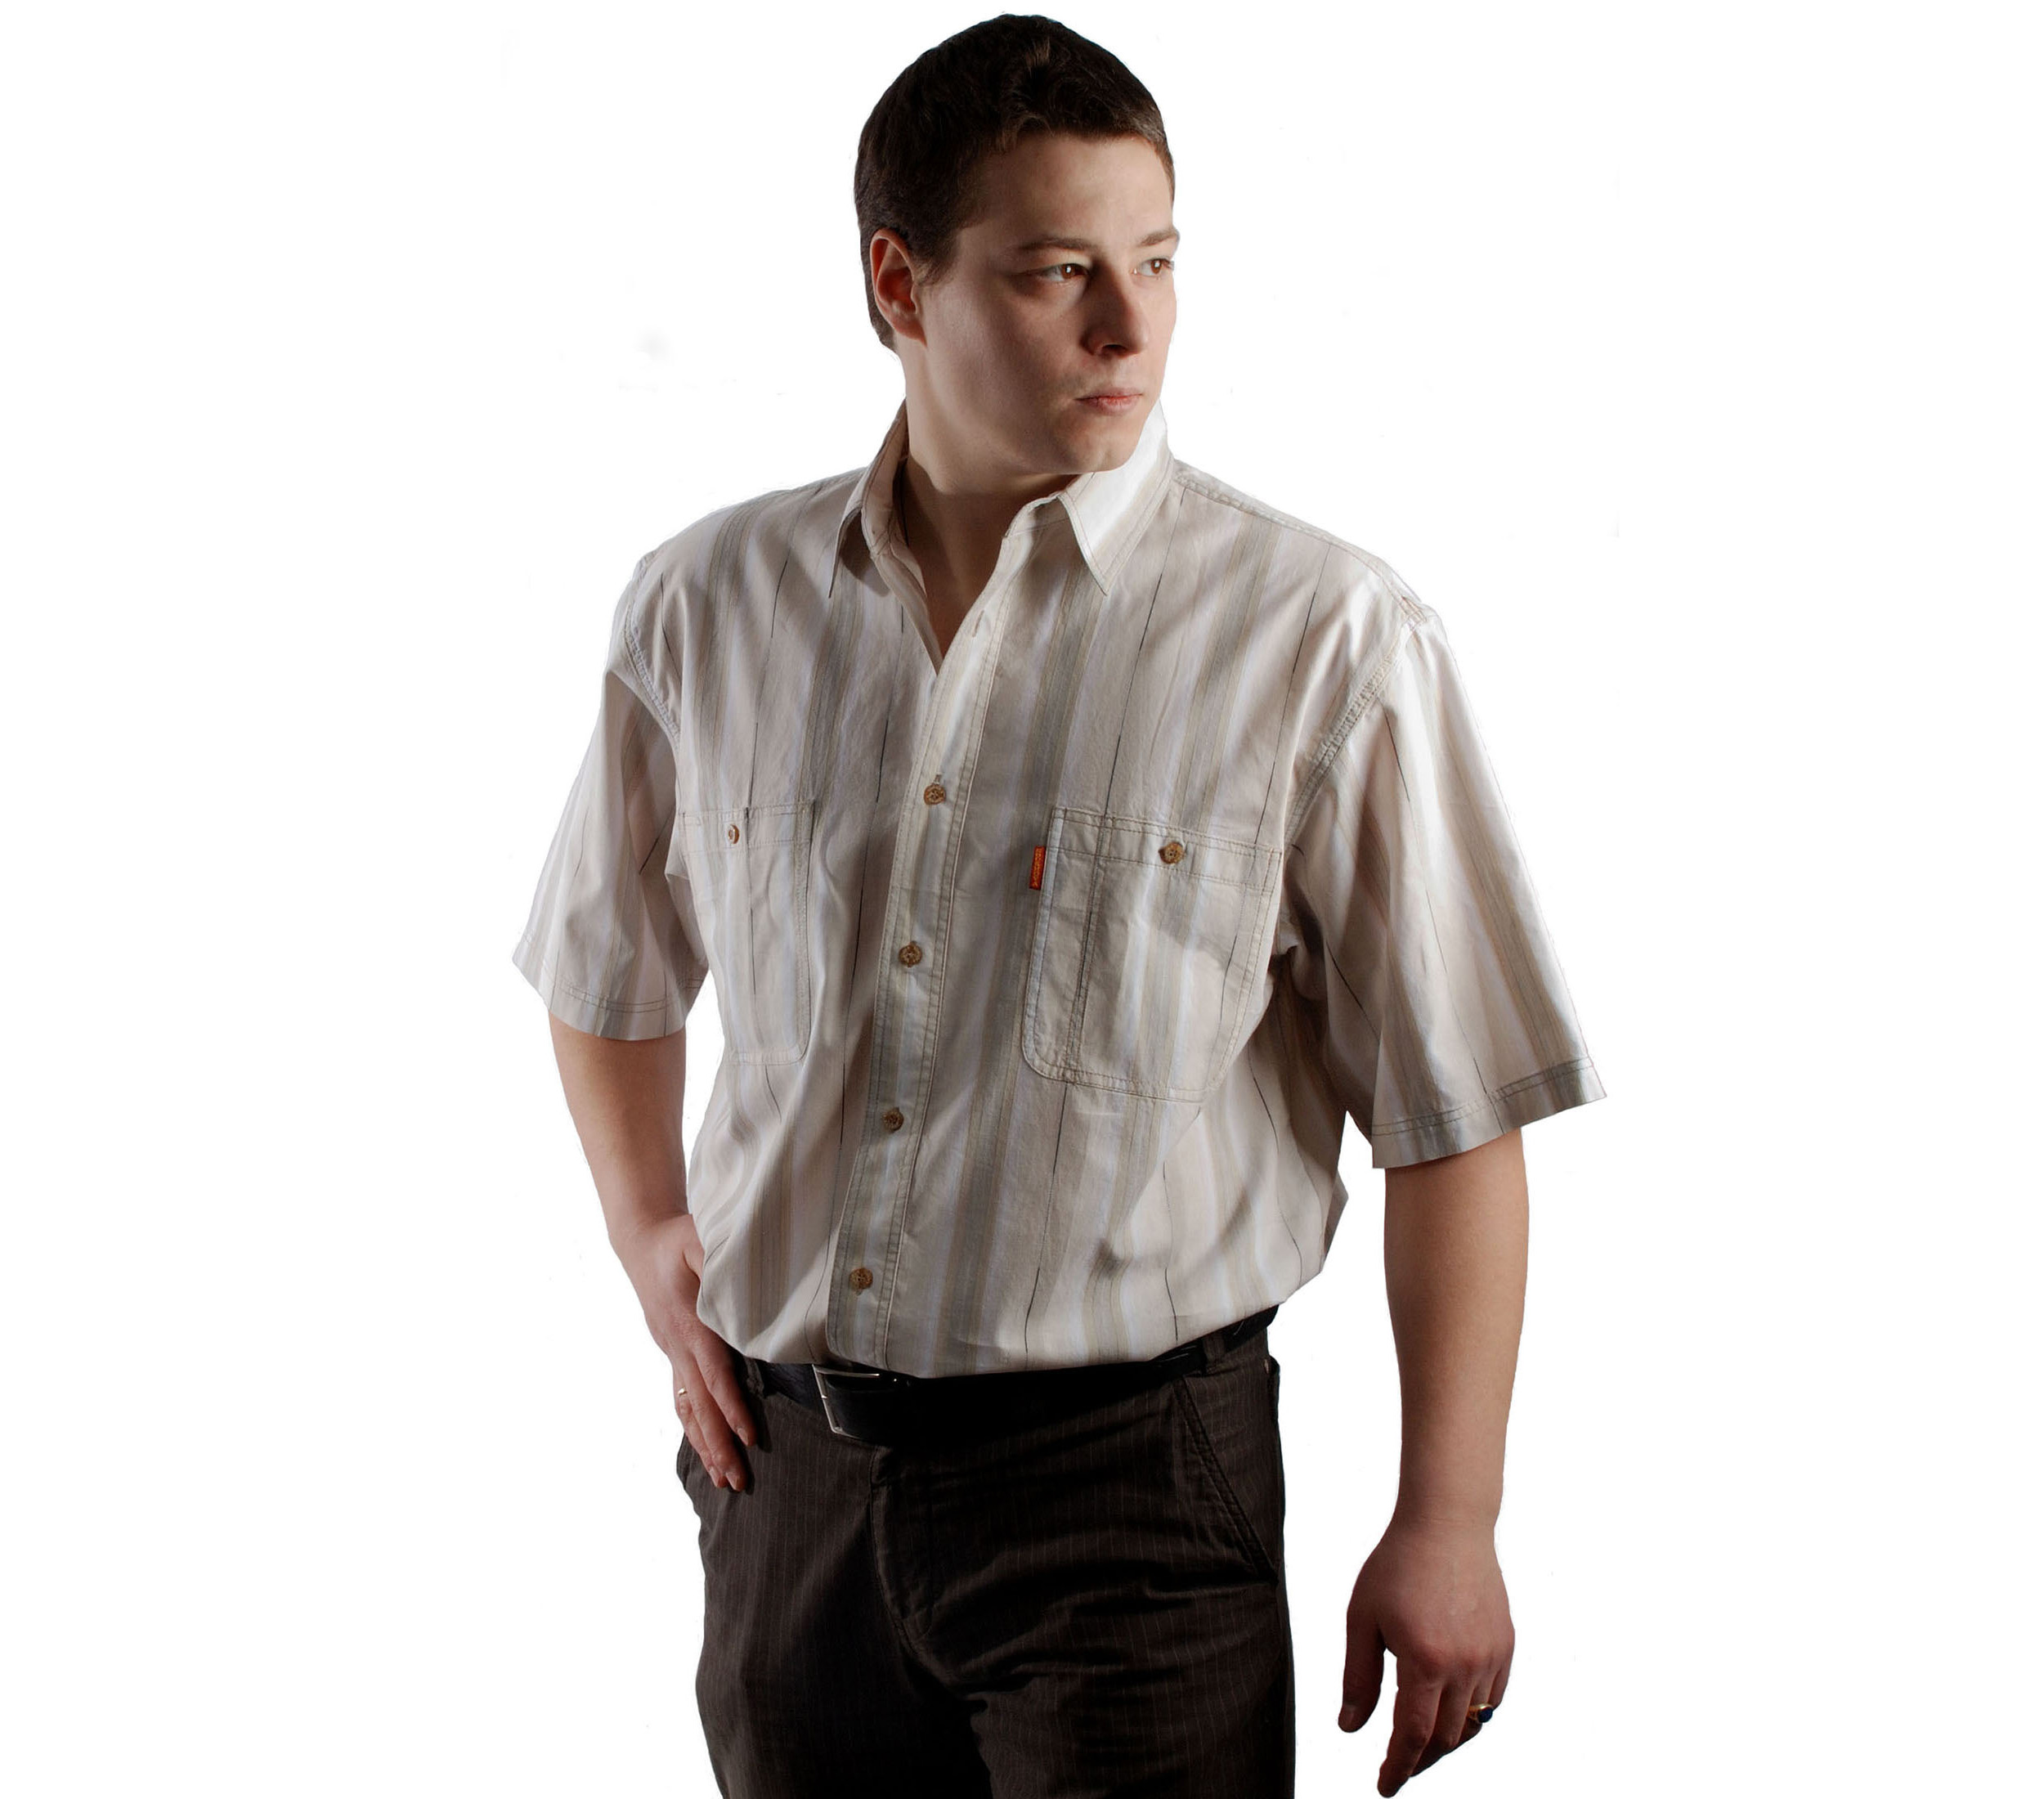 Джинсовая мужская рубашка в толстую бежево-коричневую полосу и тонкий